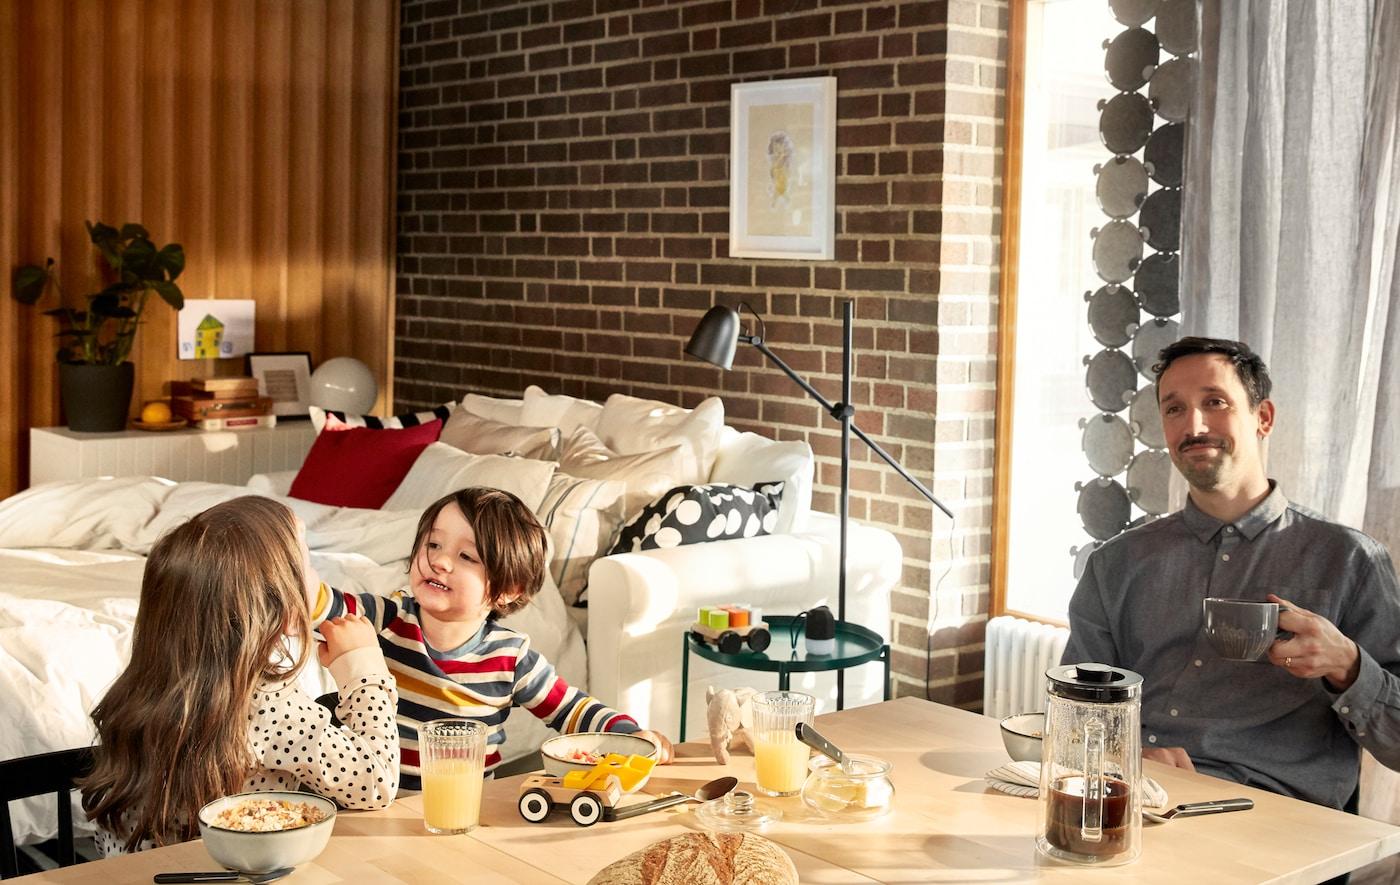 Ein Vater sitzt entspannt am Frühstückstisch und geniesst seinen Kaffee, während seine zwei Kinder mit dem Essen spielen.